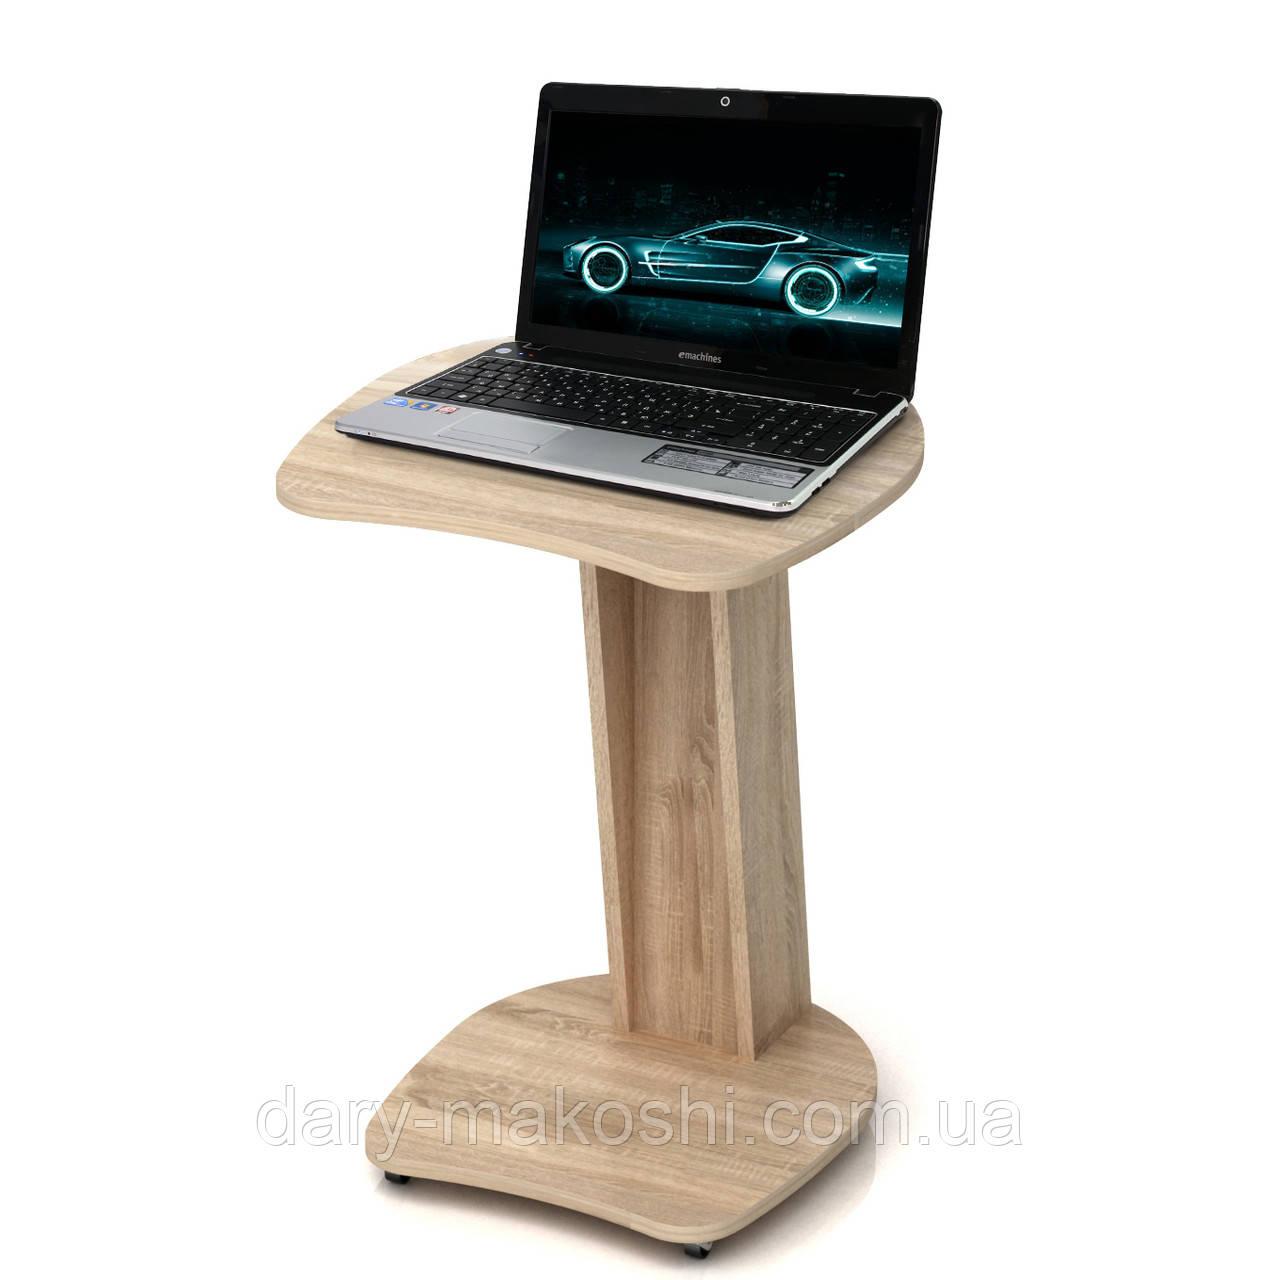 Стол компьютерный для ноутбука Zeus Sim